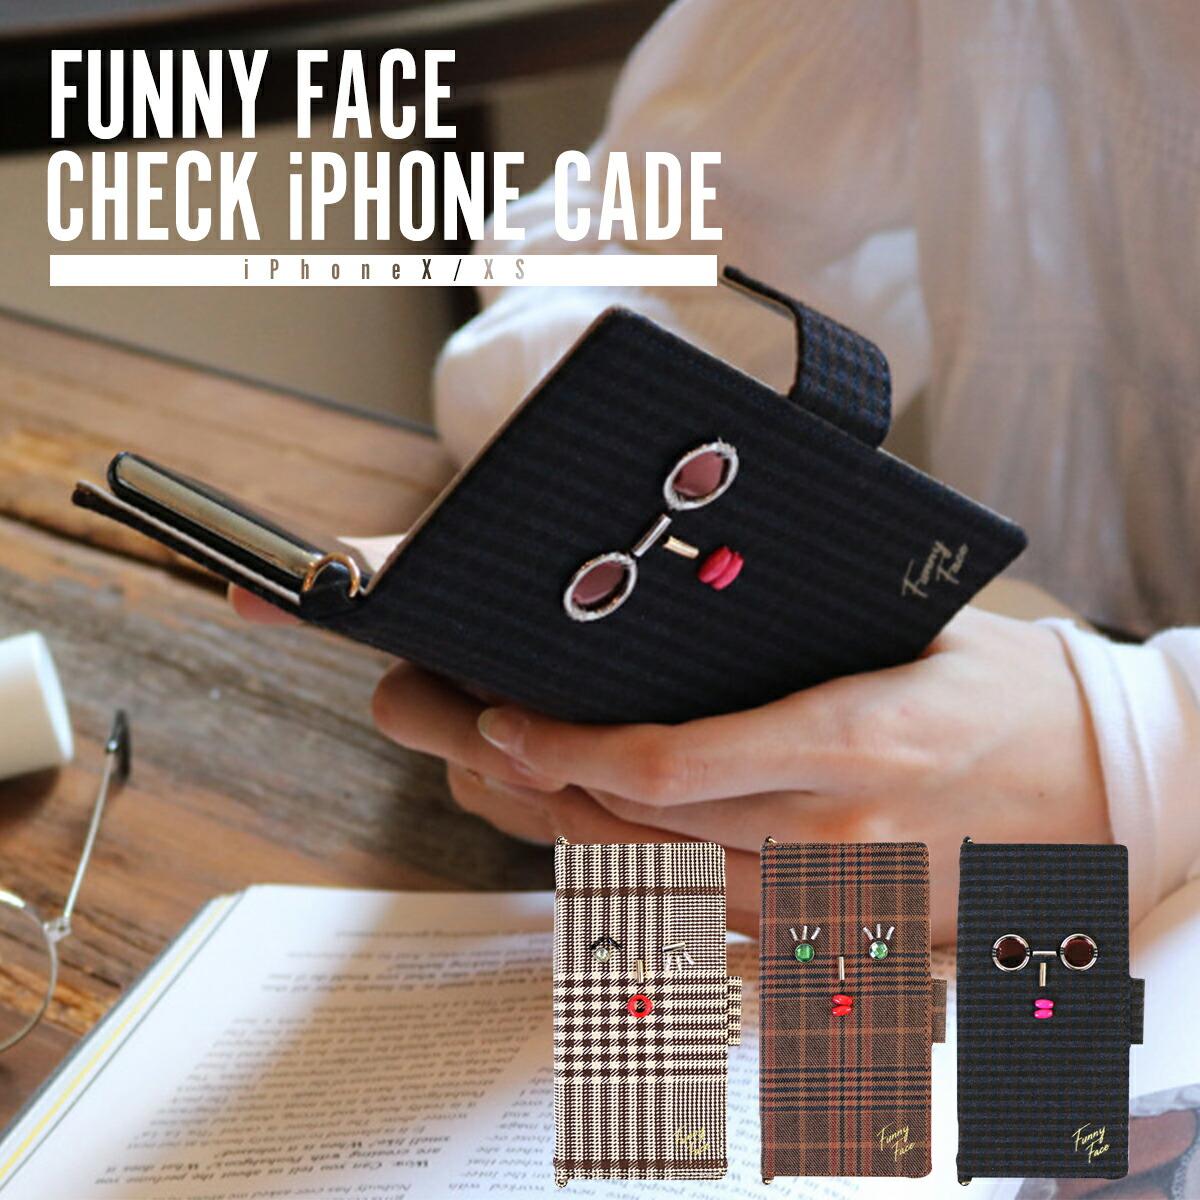 accommode 通販 ファニーフェイスチェックiPhoneX XSケース iPhoneX iPhoneXS iPhone ケース 手帳型 レディース ショルダーストラップ付き ファニー モード メール便 プレゼント 送料無料 メーカー直送 アコモデ チェック フェイス ショルダー 紐 カードホルダー